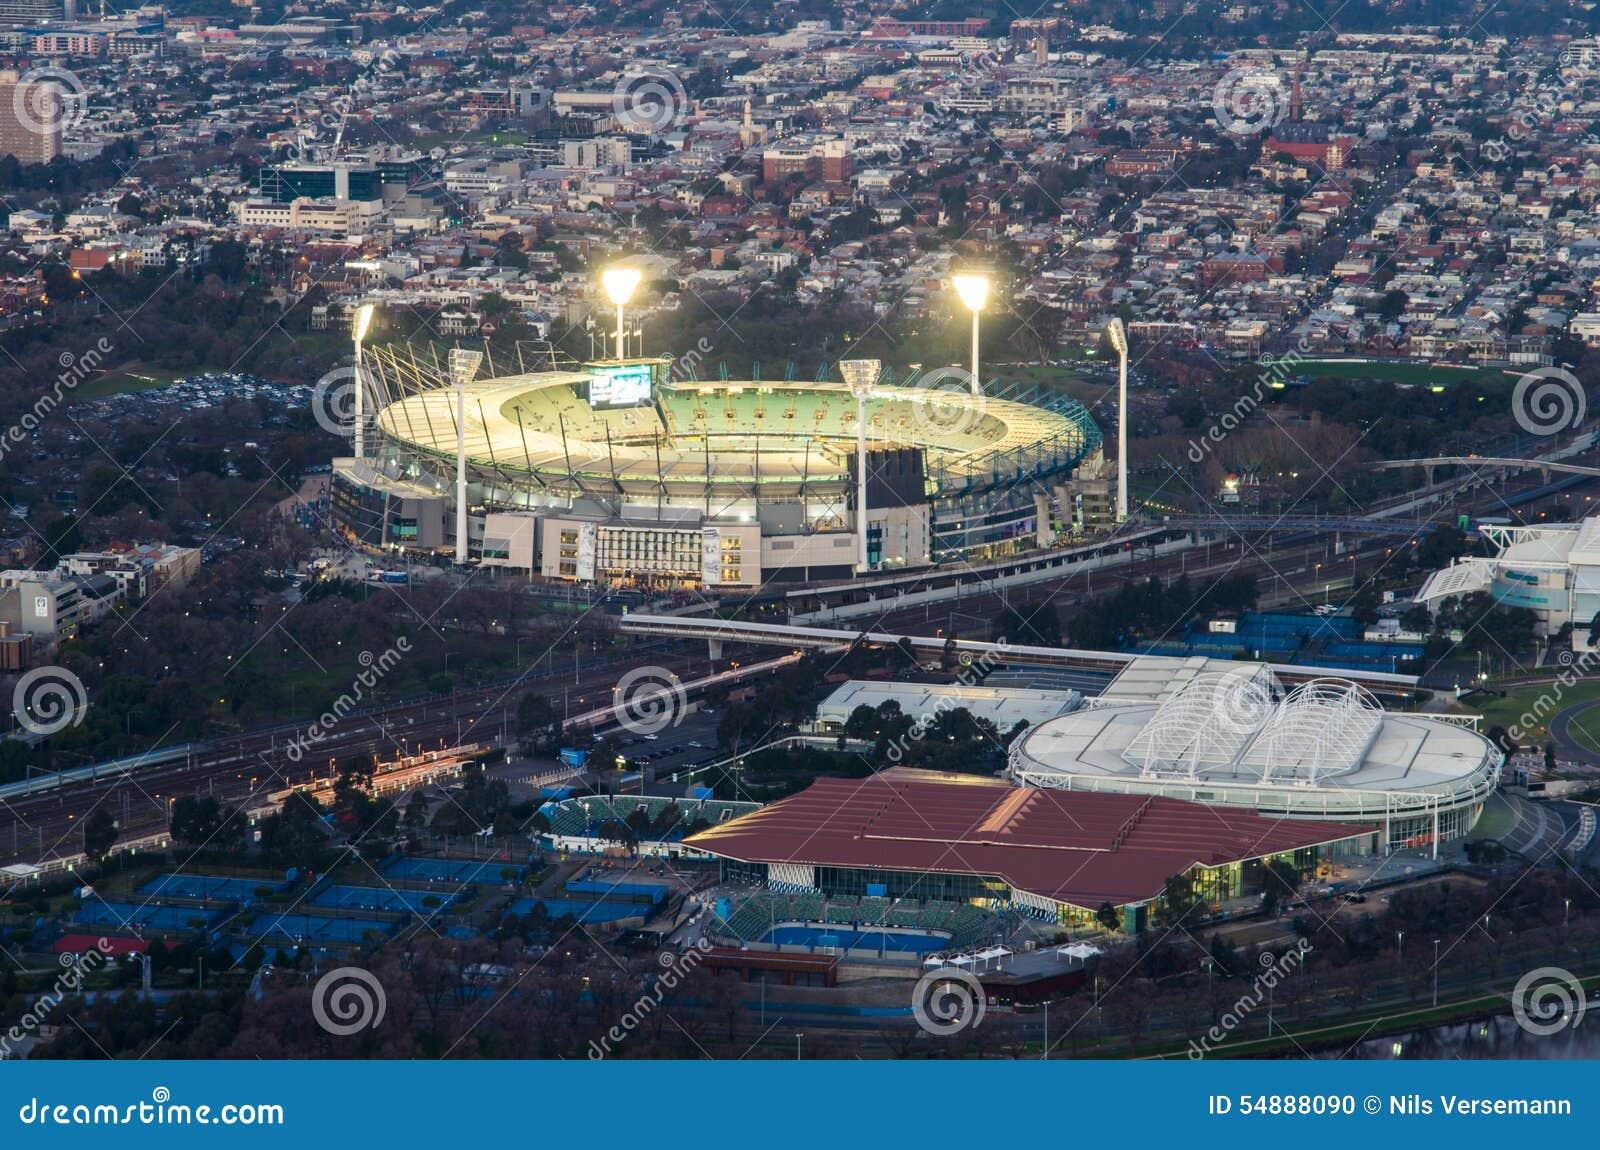 La tierra y Melbourne del grillo de Melbourne parquean el estadio del tenis